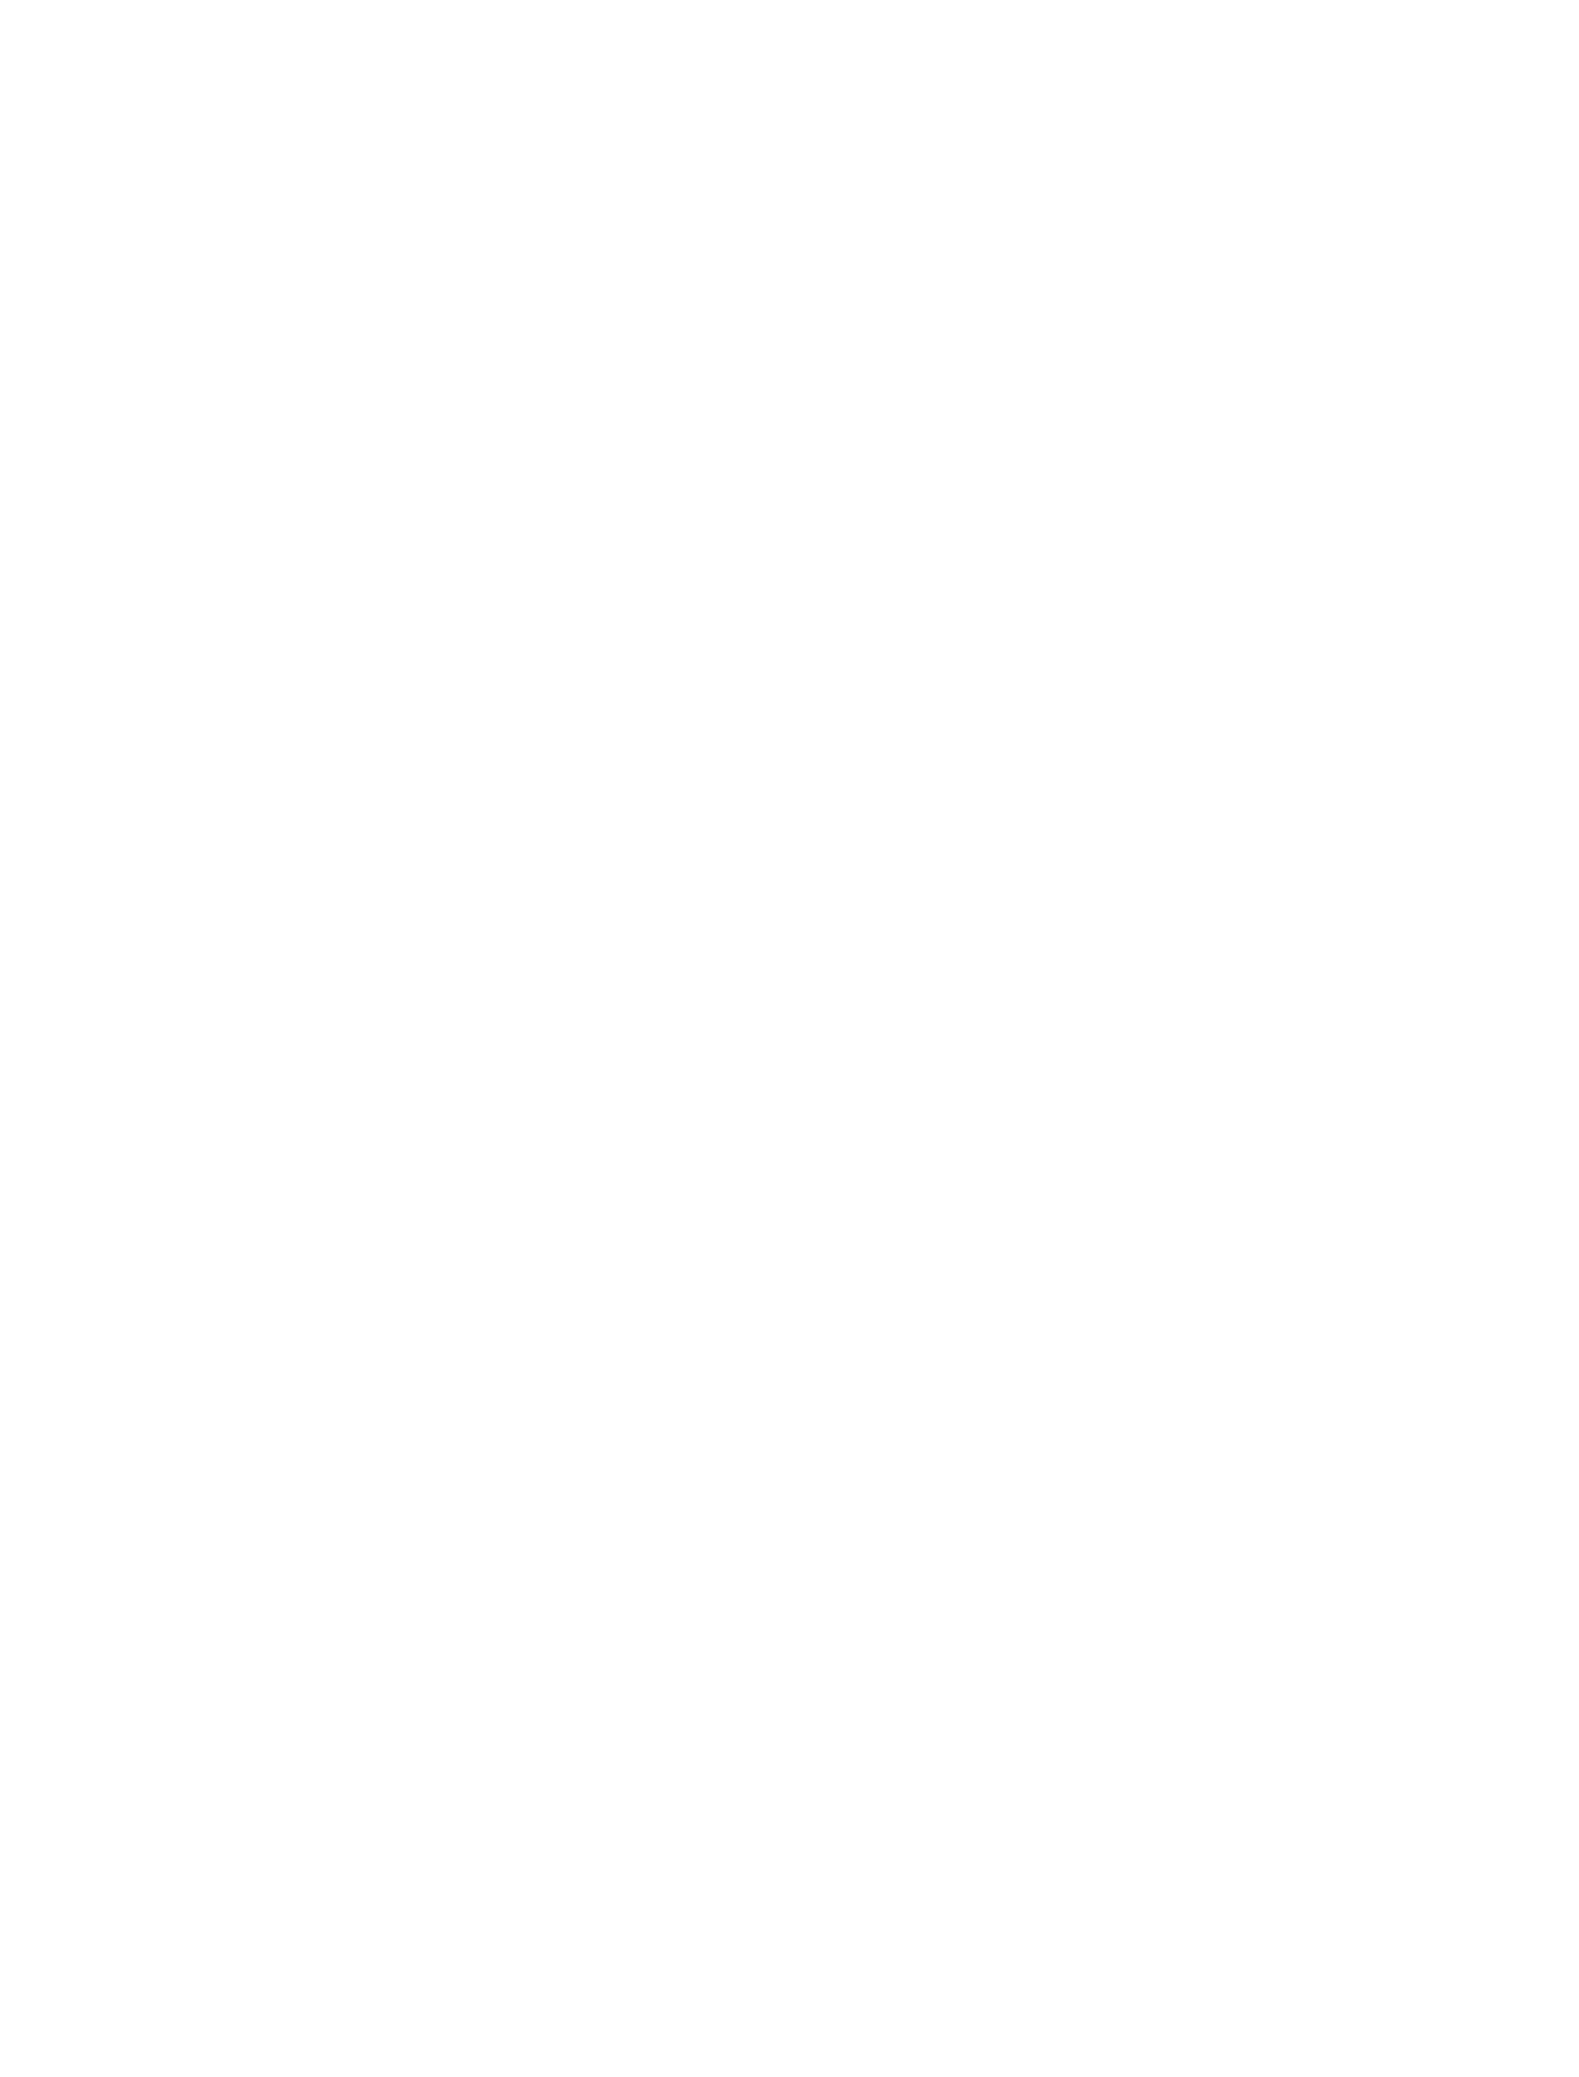 Sunny Darden Group